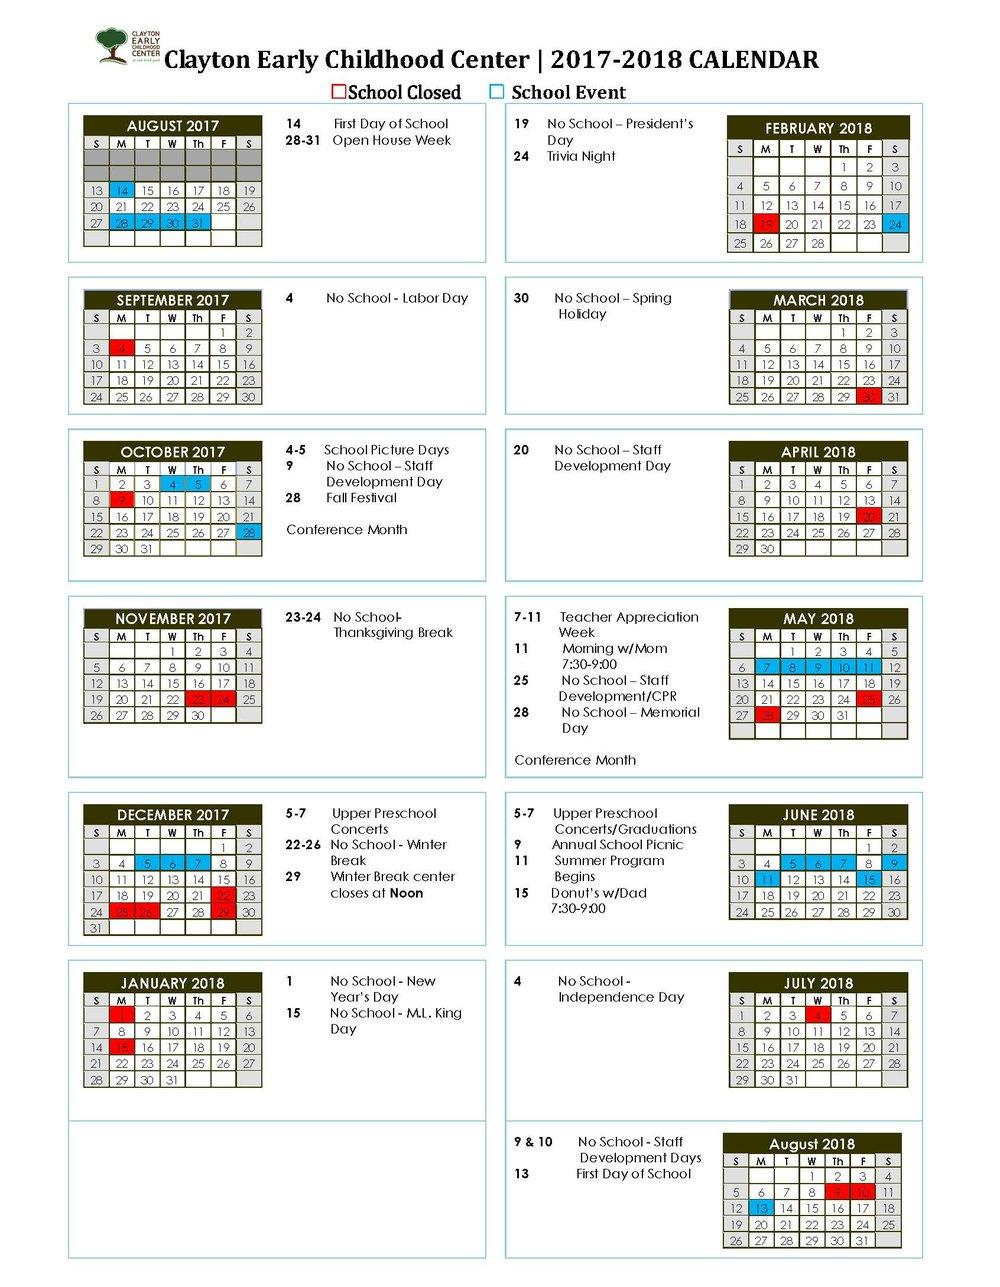 2017-2018 CECC Calendar.jpg